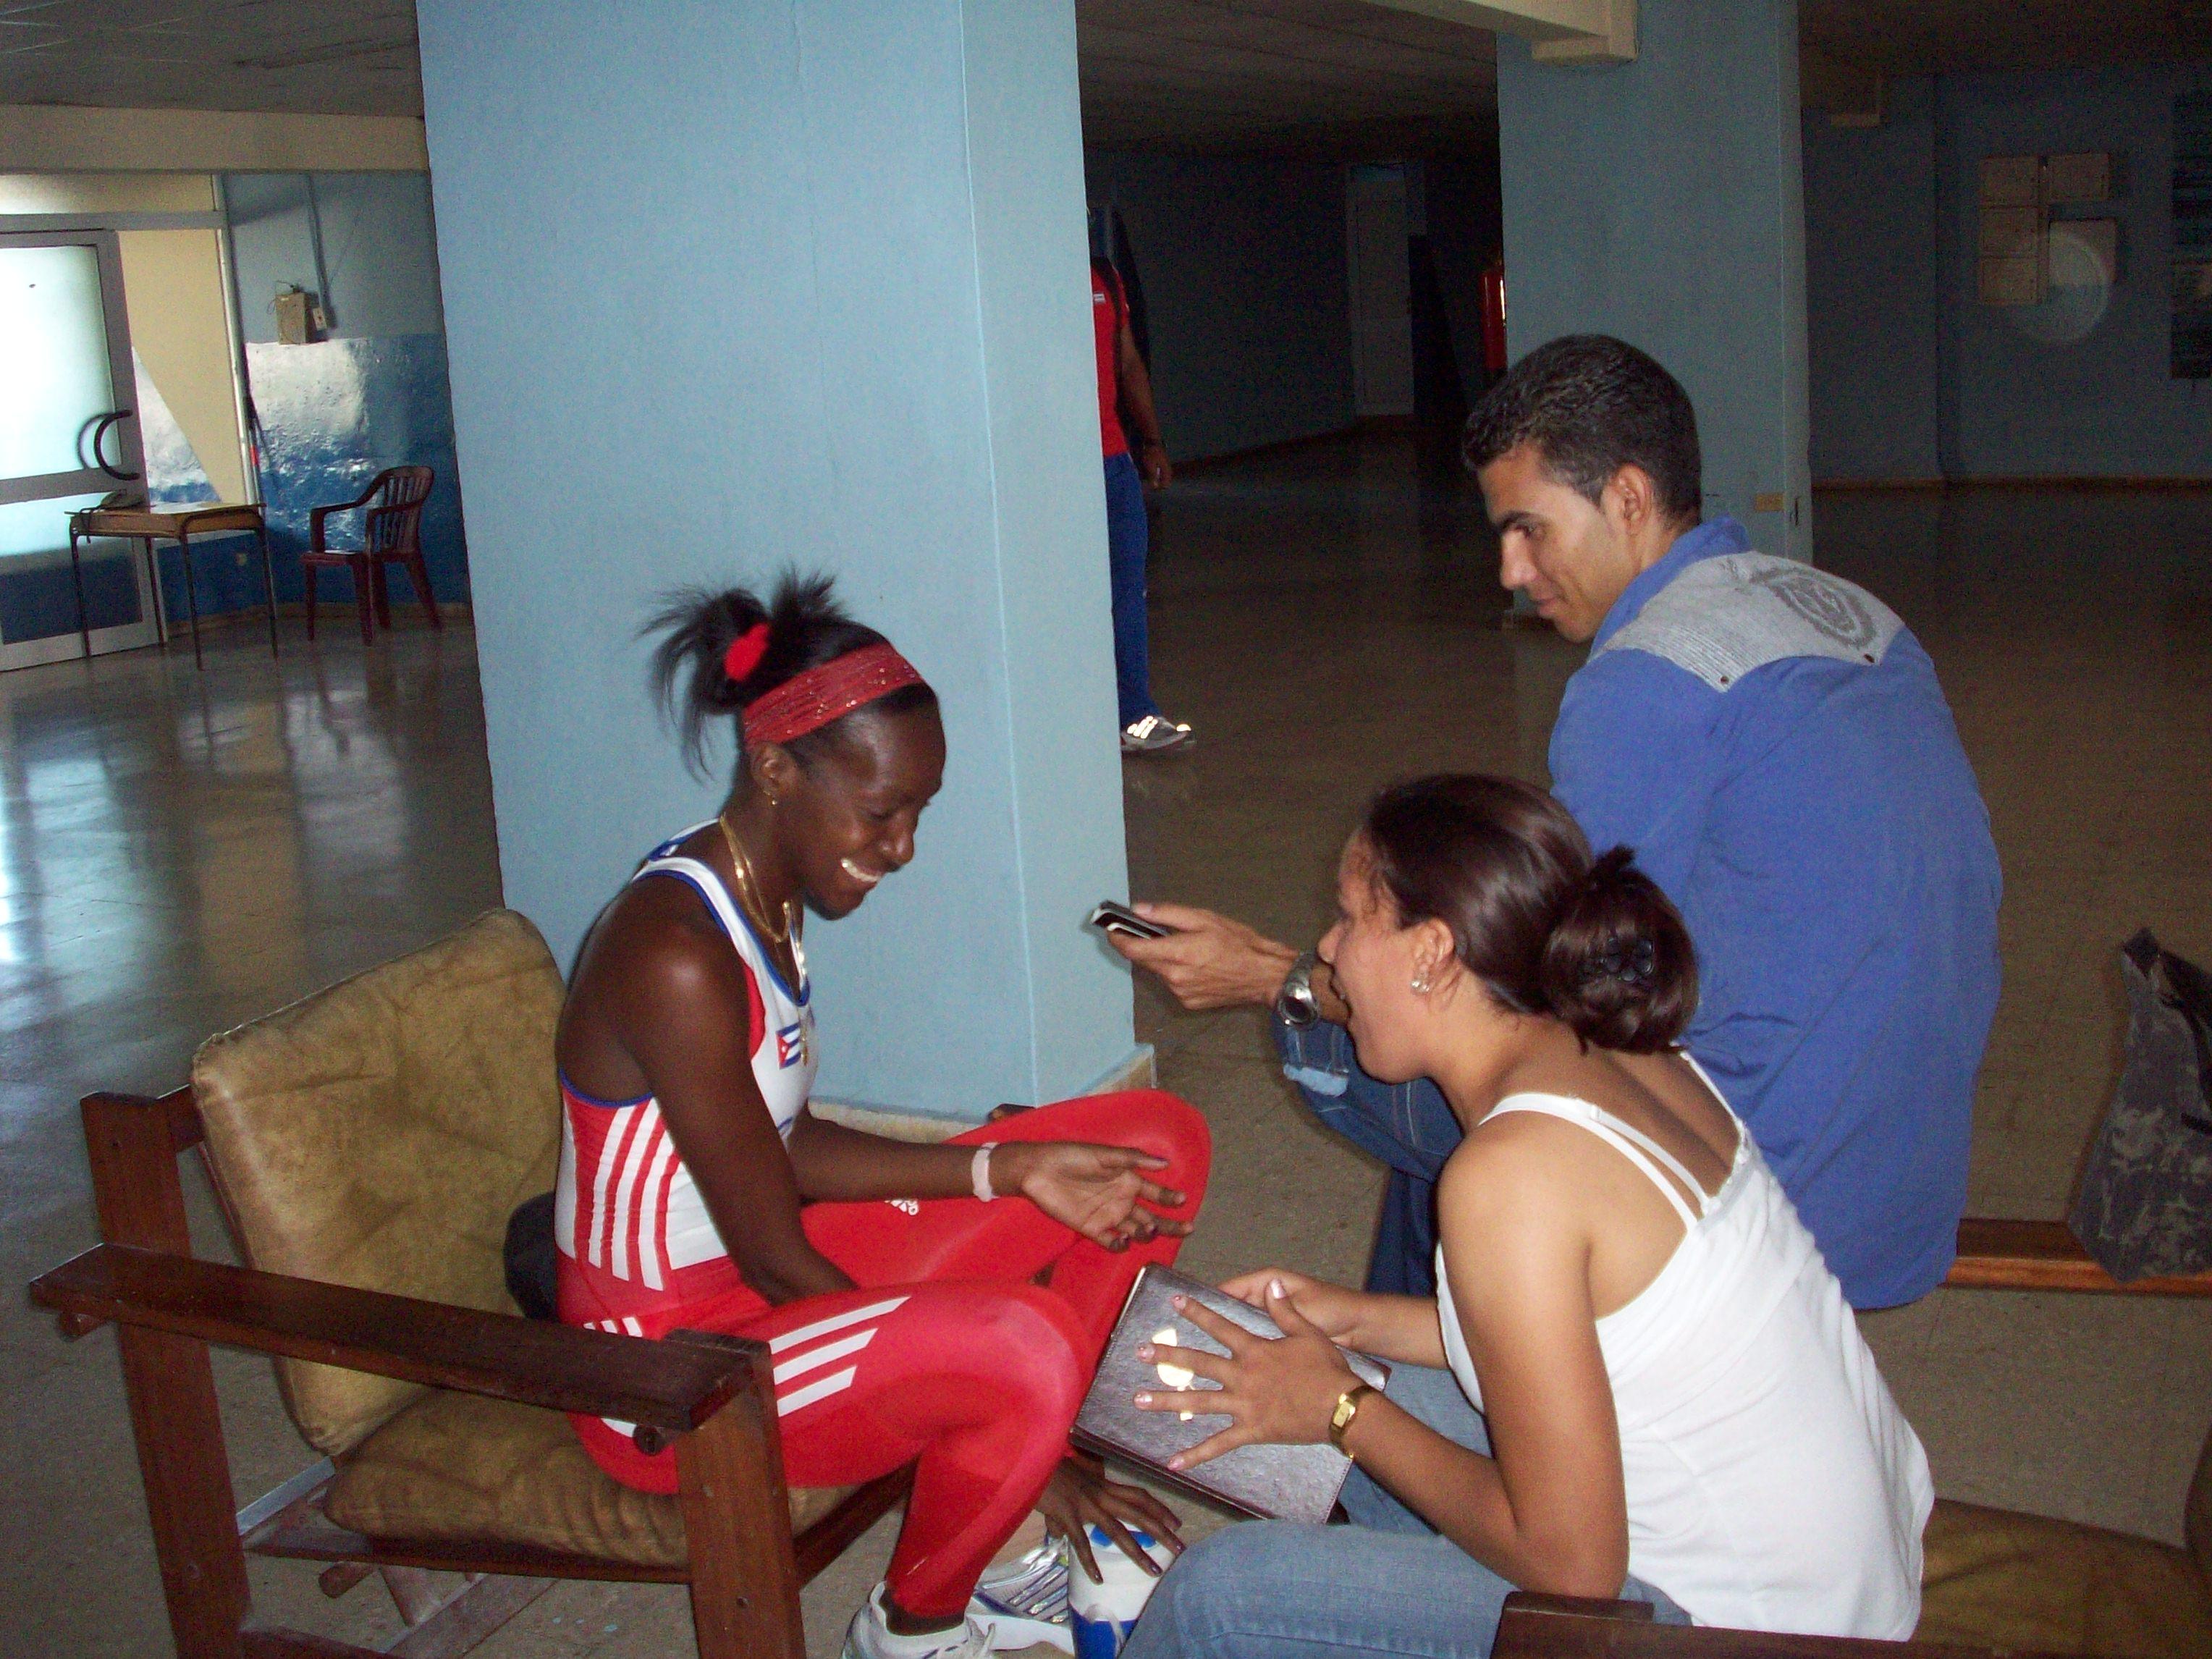 En plena labor. Agradezco al colega Yendrie Barruel por la cobertura. Las Fotos fueron tomadas por Yarisley Silva.